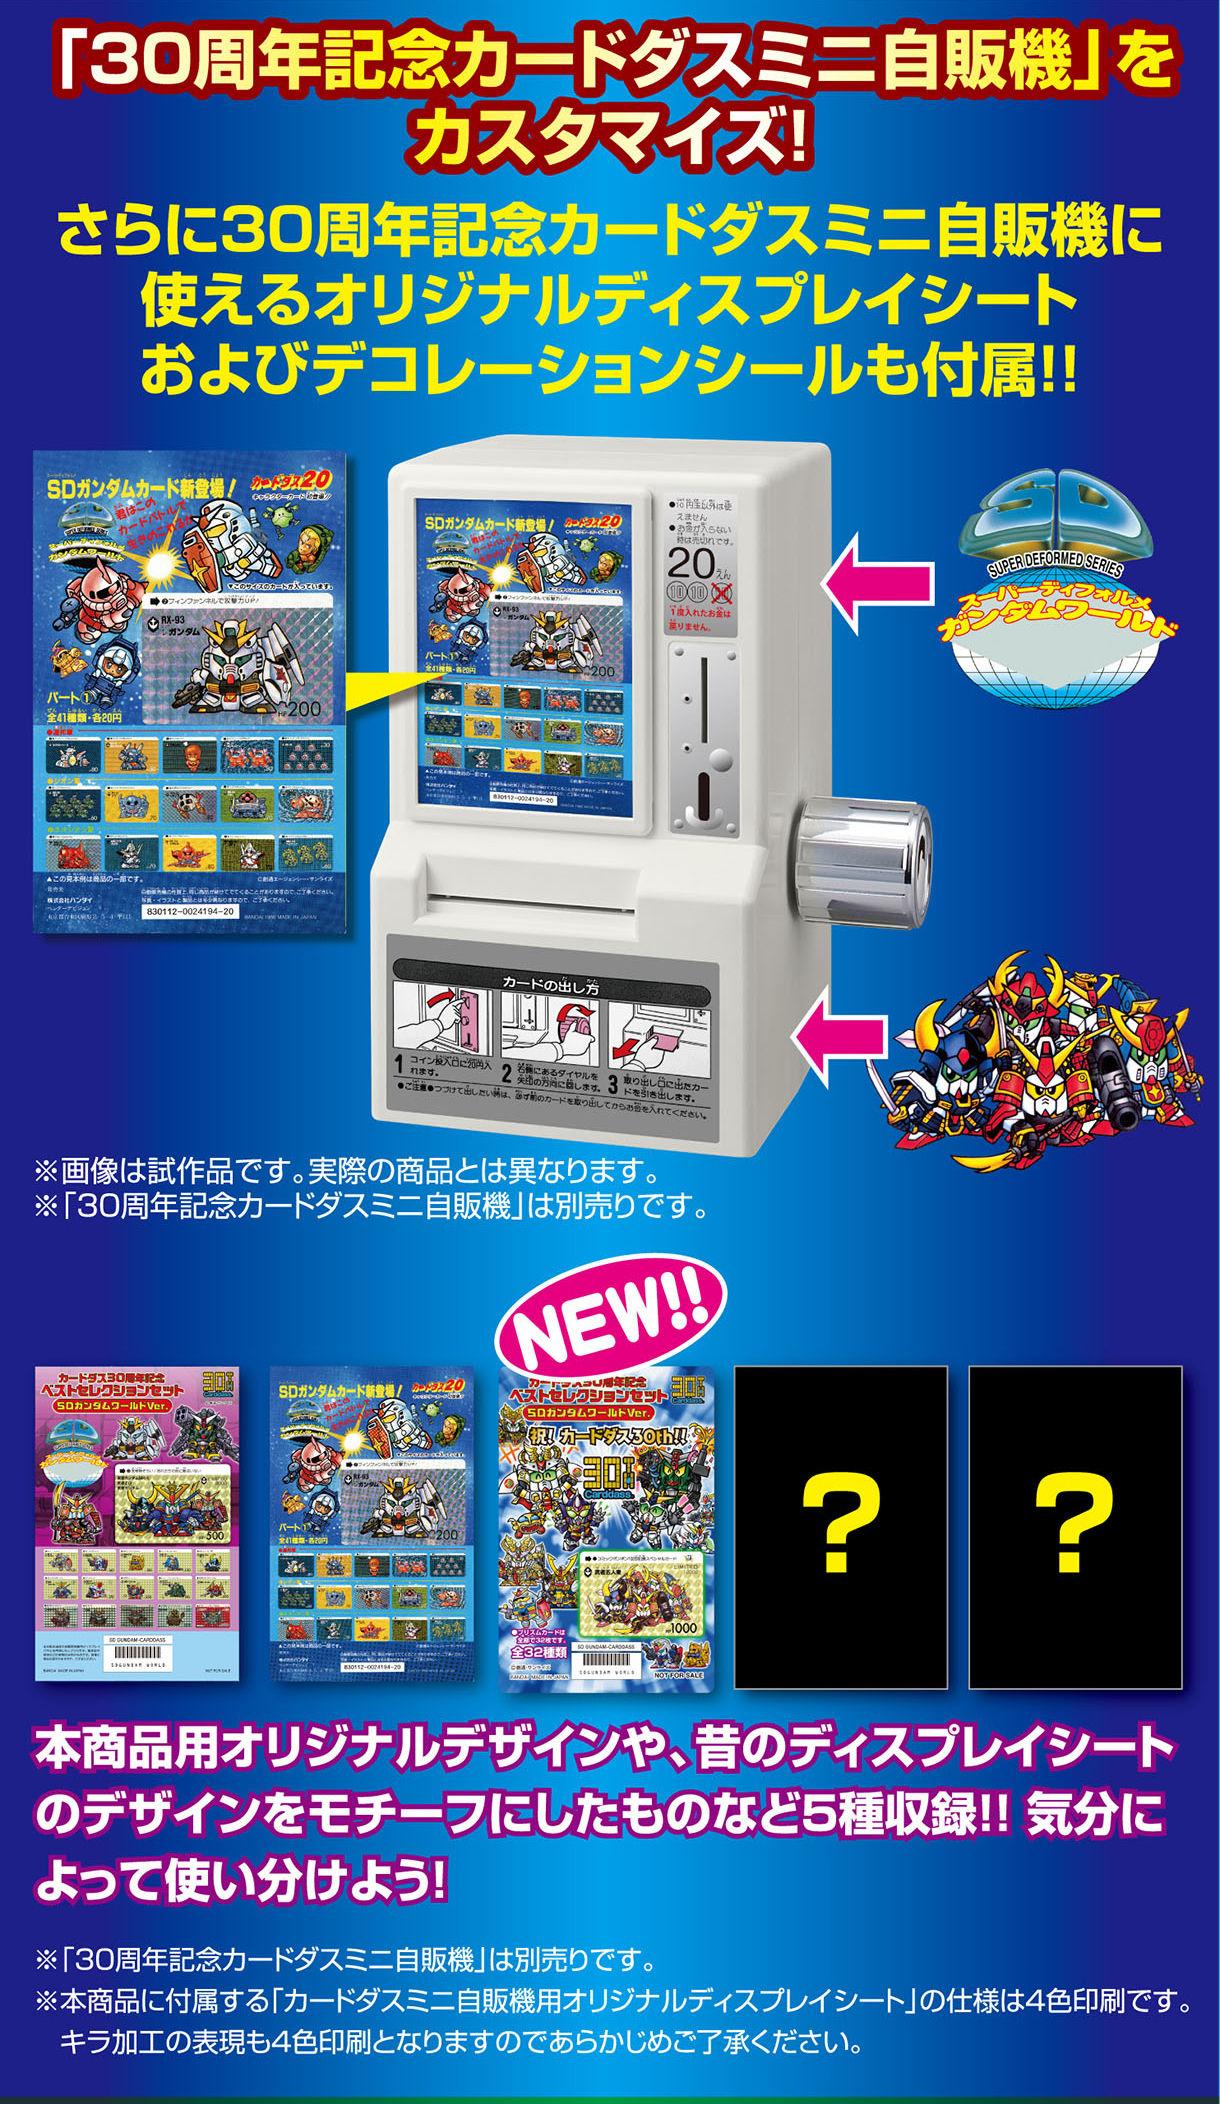 30周年記念カードダスミニ自販機をカスタマイズ!